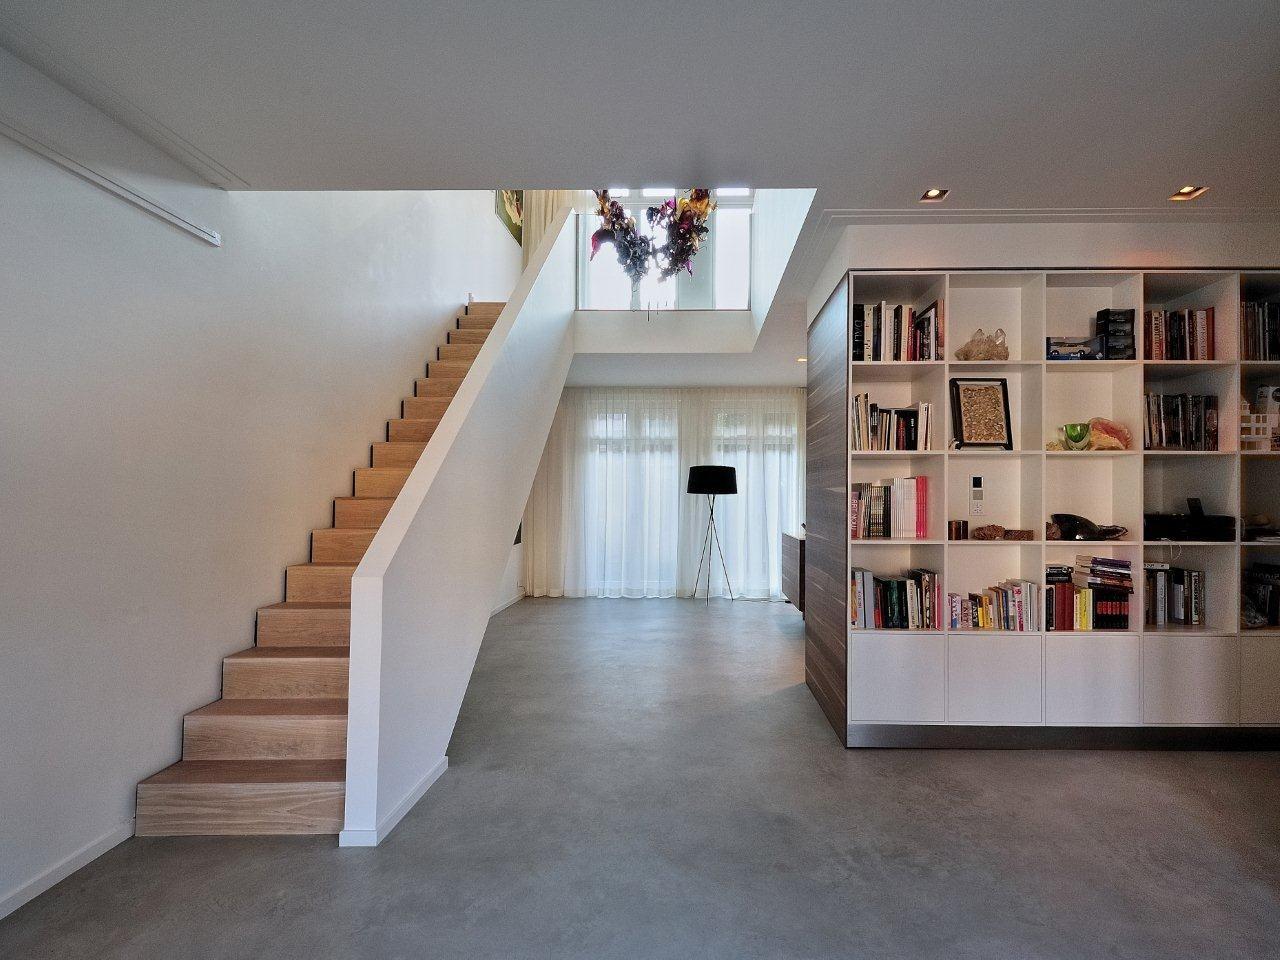 Betonnen vloer witte muren houten trap hal pinterest witte muren houten trap en trappen - Interieur houten trap ...